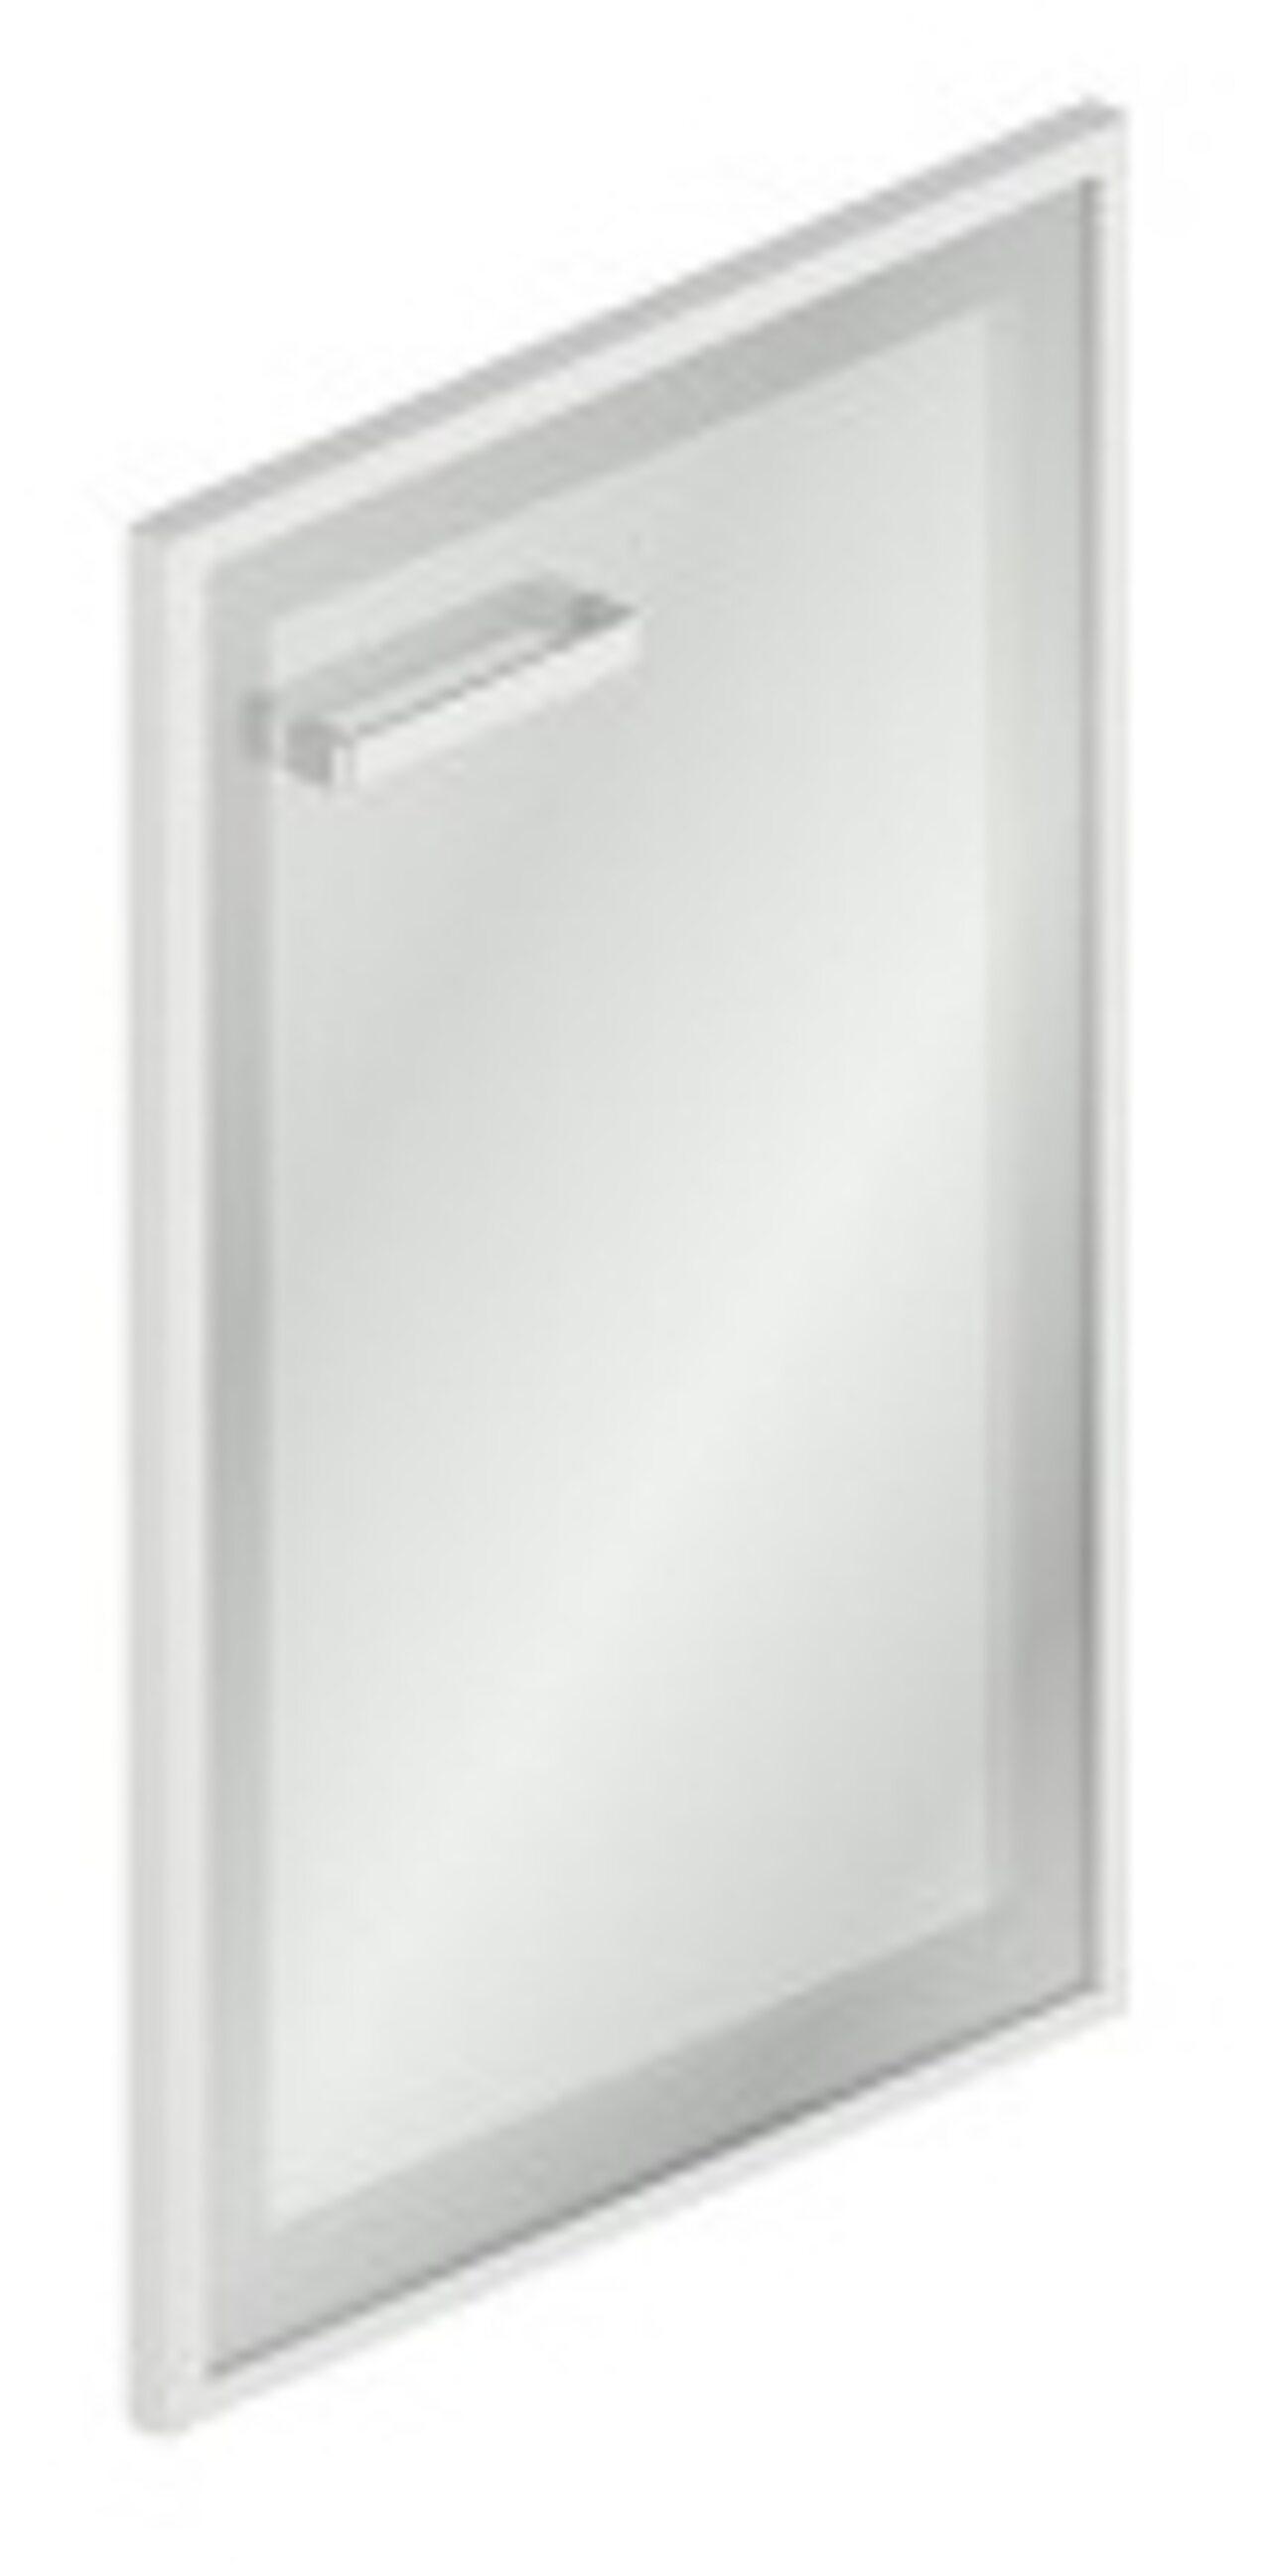 Дверь стеклянная в МДФ-рамке правая - фото 3